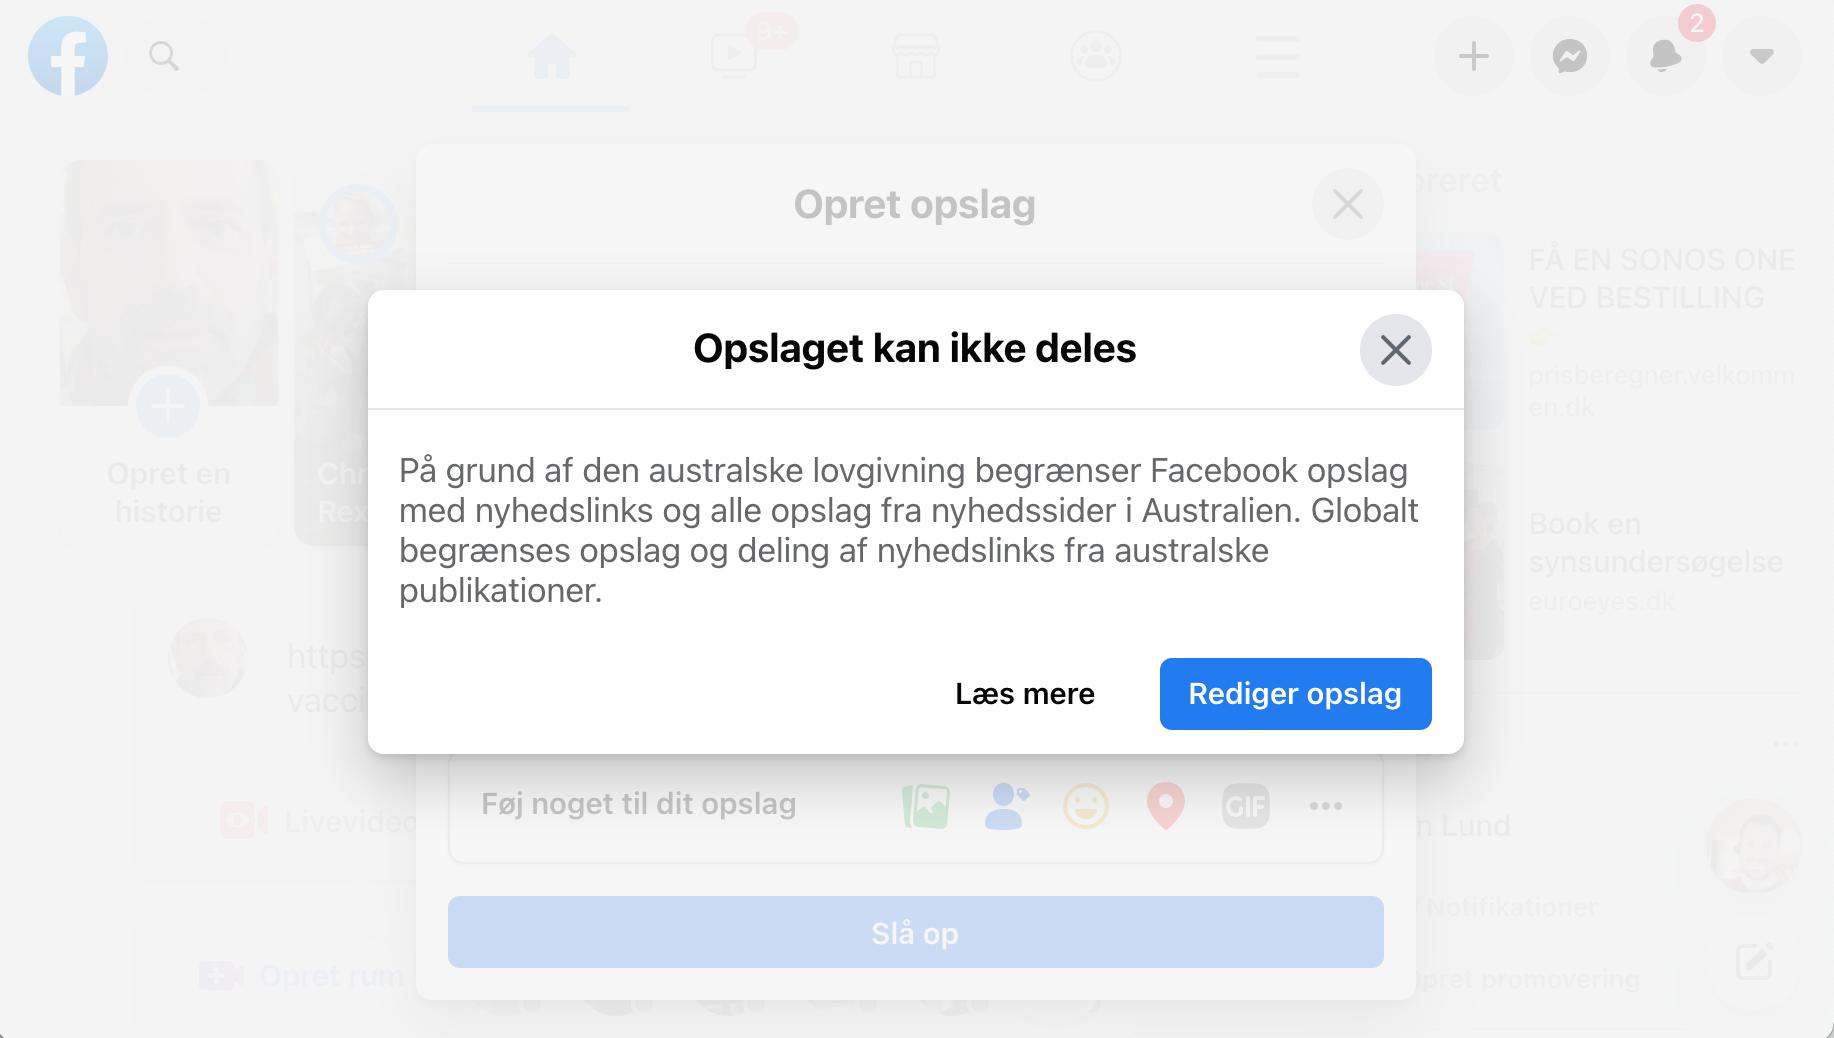 Facebook blokerer nyhedsindhold fra Australien